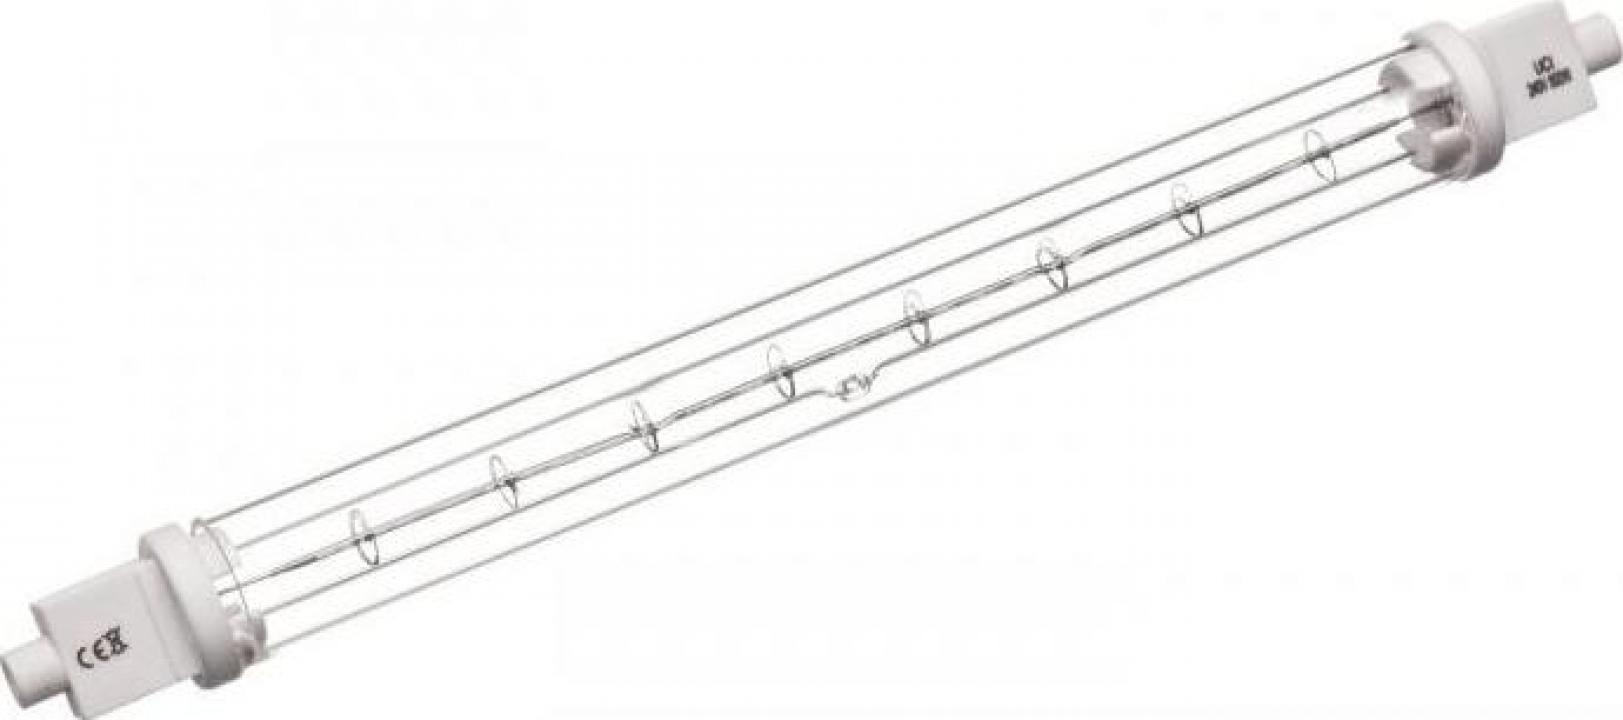 Lampa infrarosu R7s, 240V, 500W, L218mm 359536